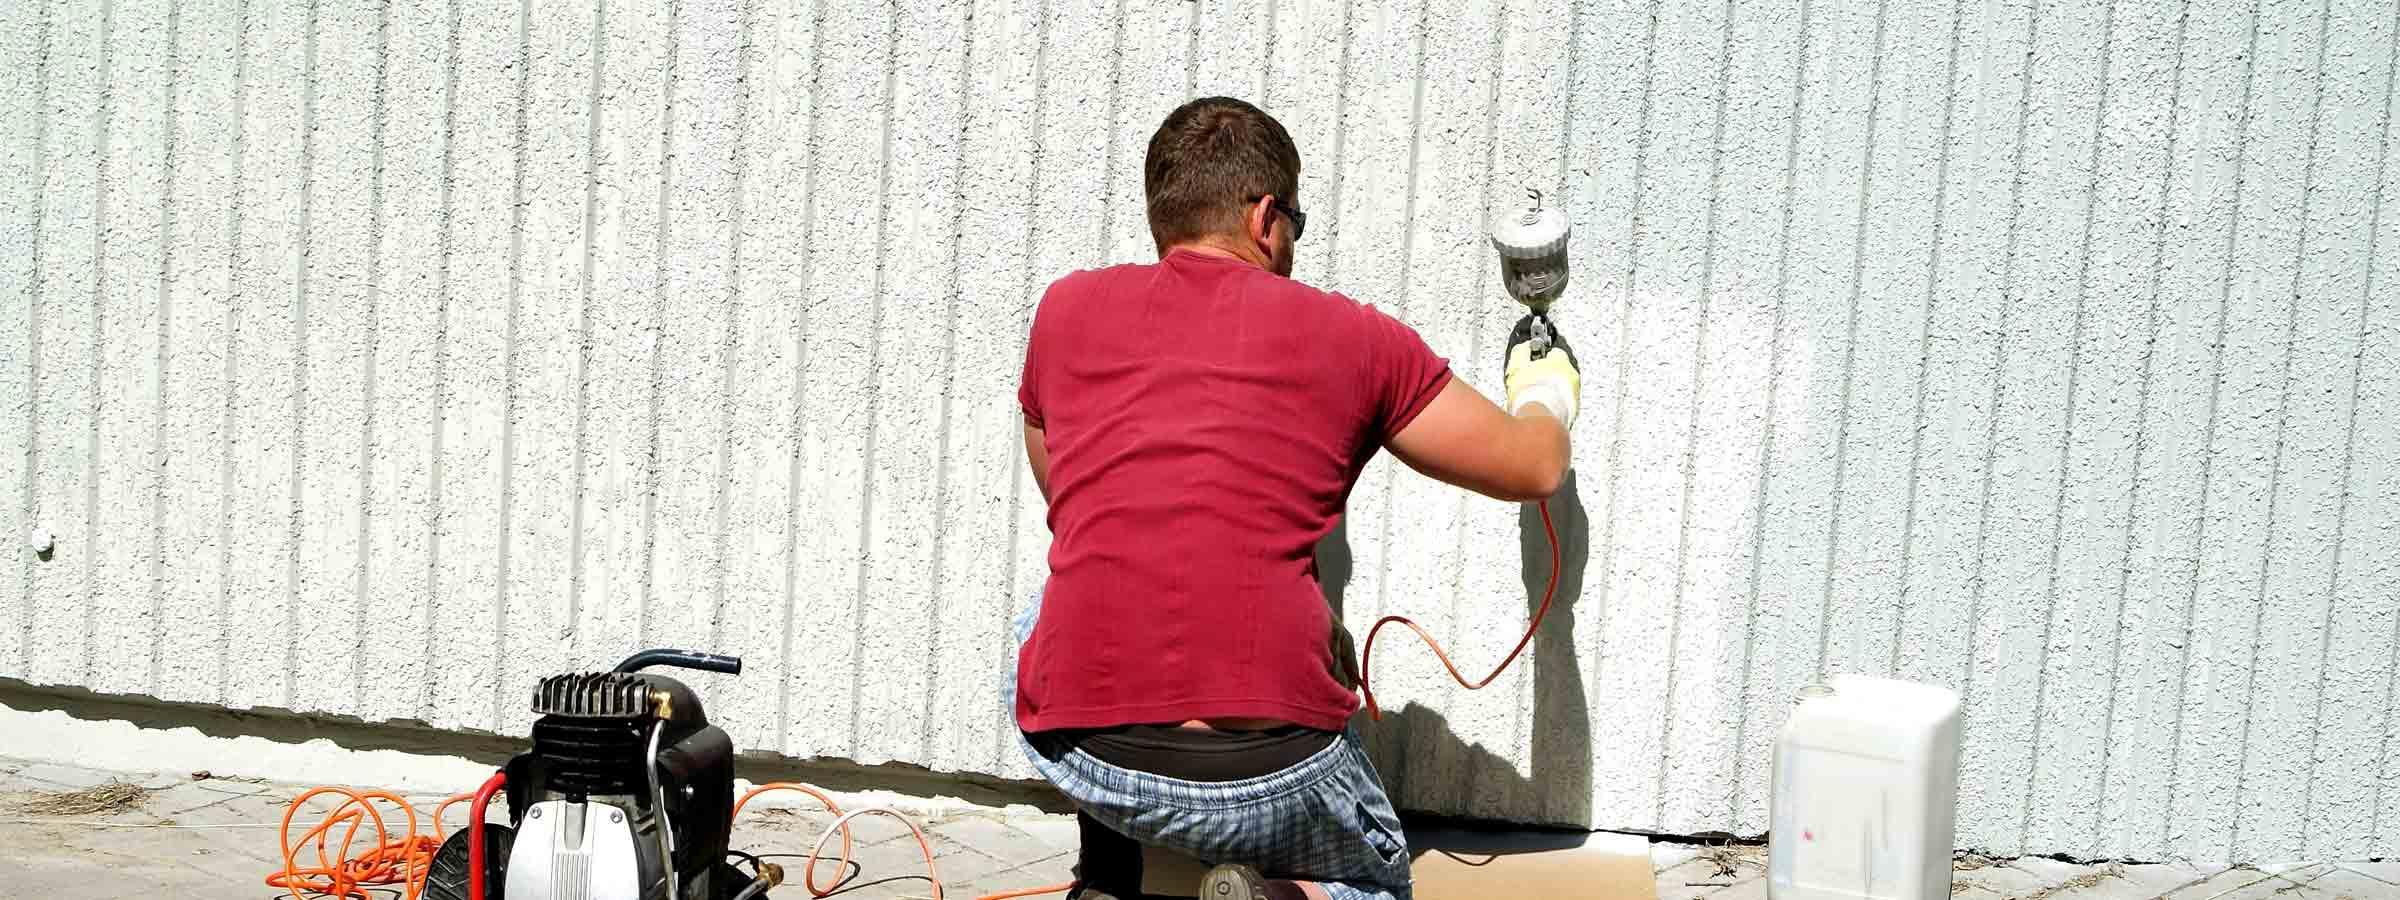 Operaio all'opera mentre tinteggia le pareti esterne di un edificio